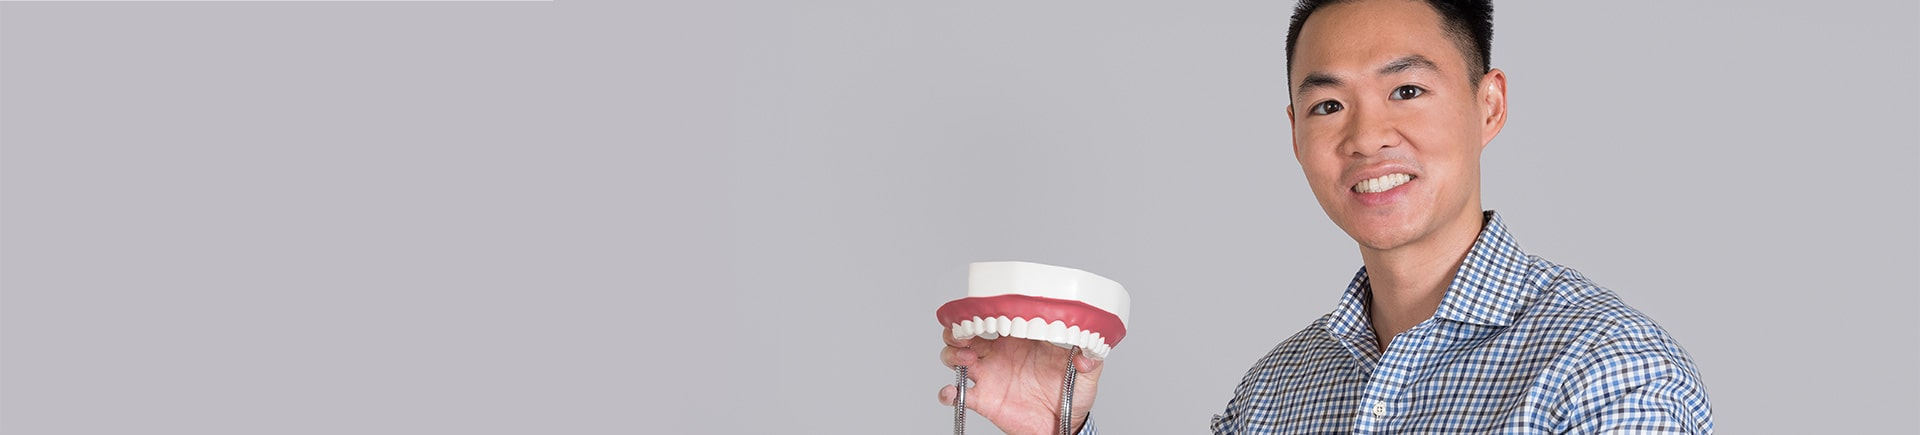 Why a Pediatric Dentist? Milton, GA